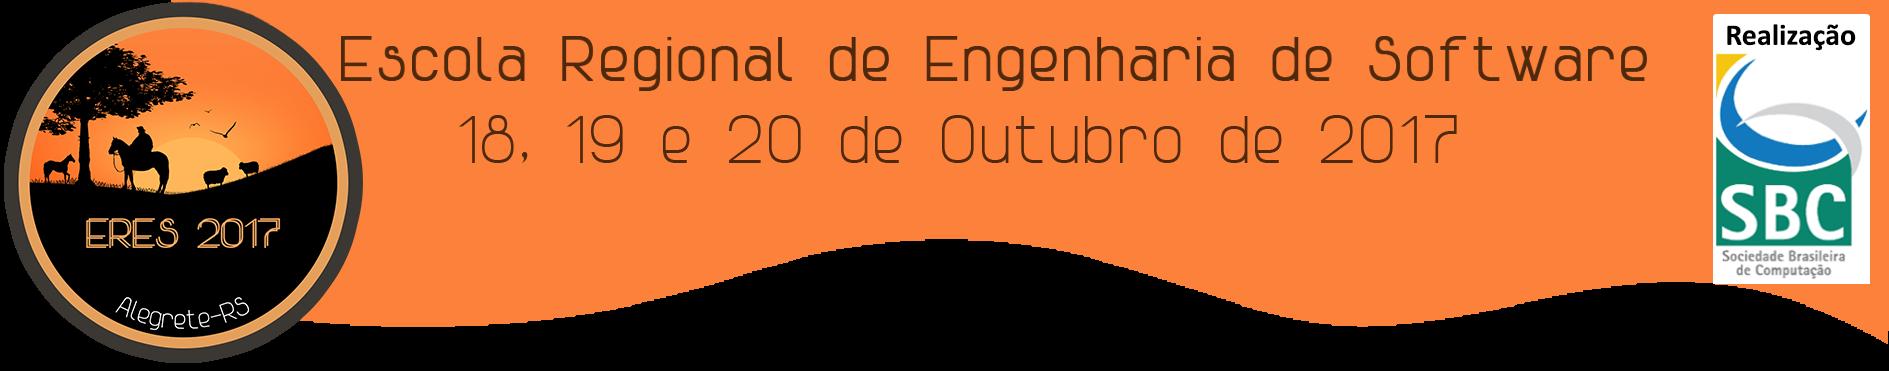 Escola Regional de Engenharia de Software – ERES